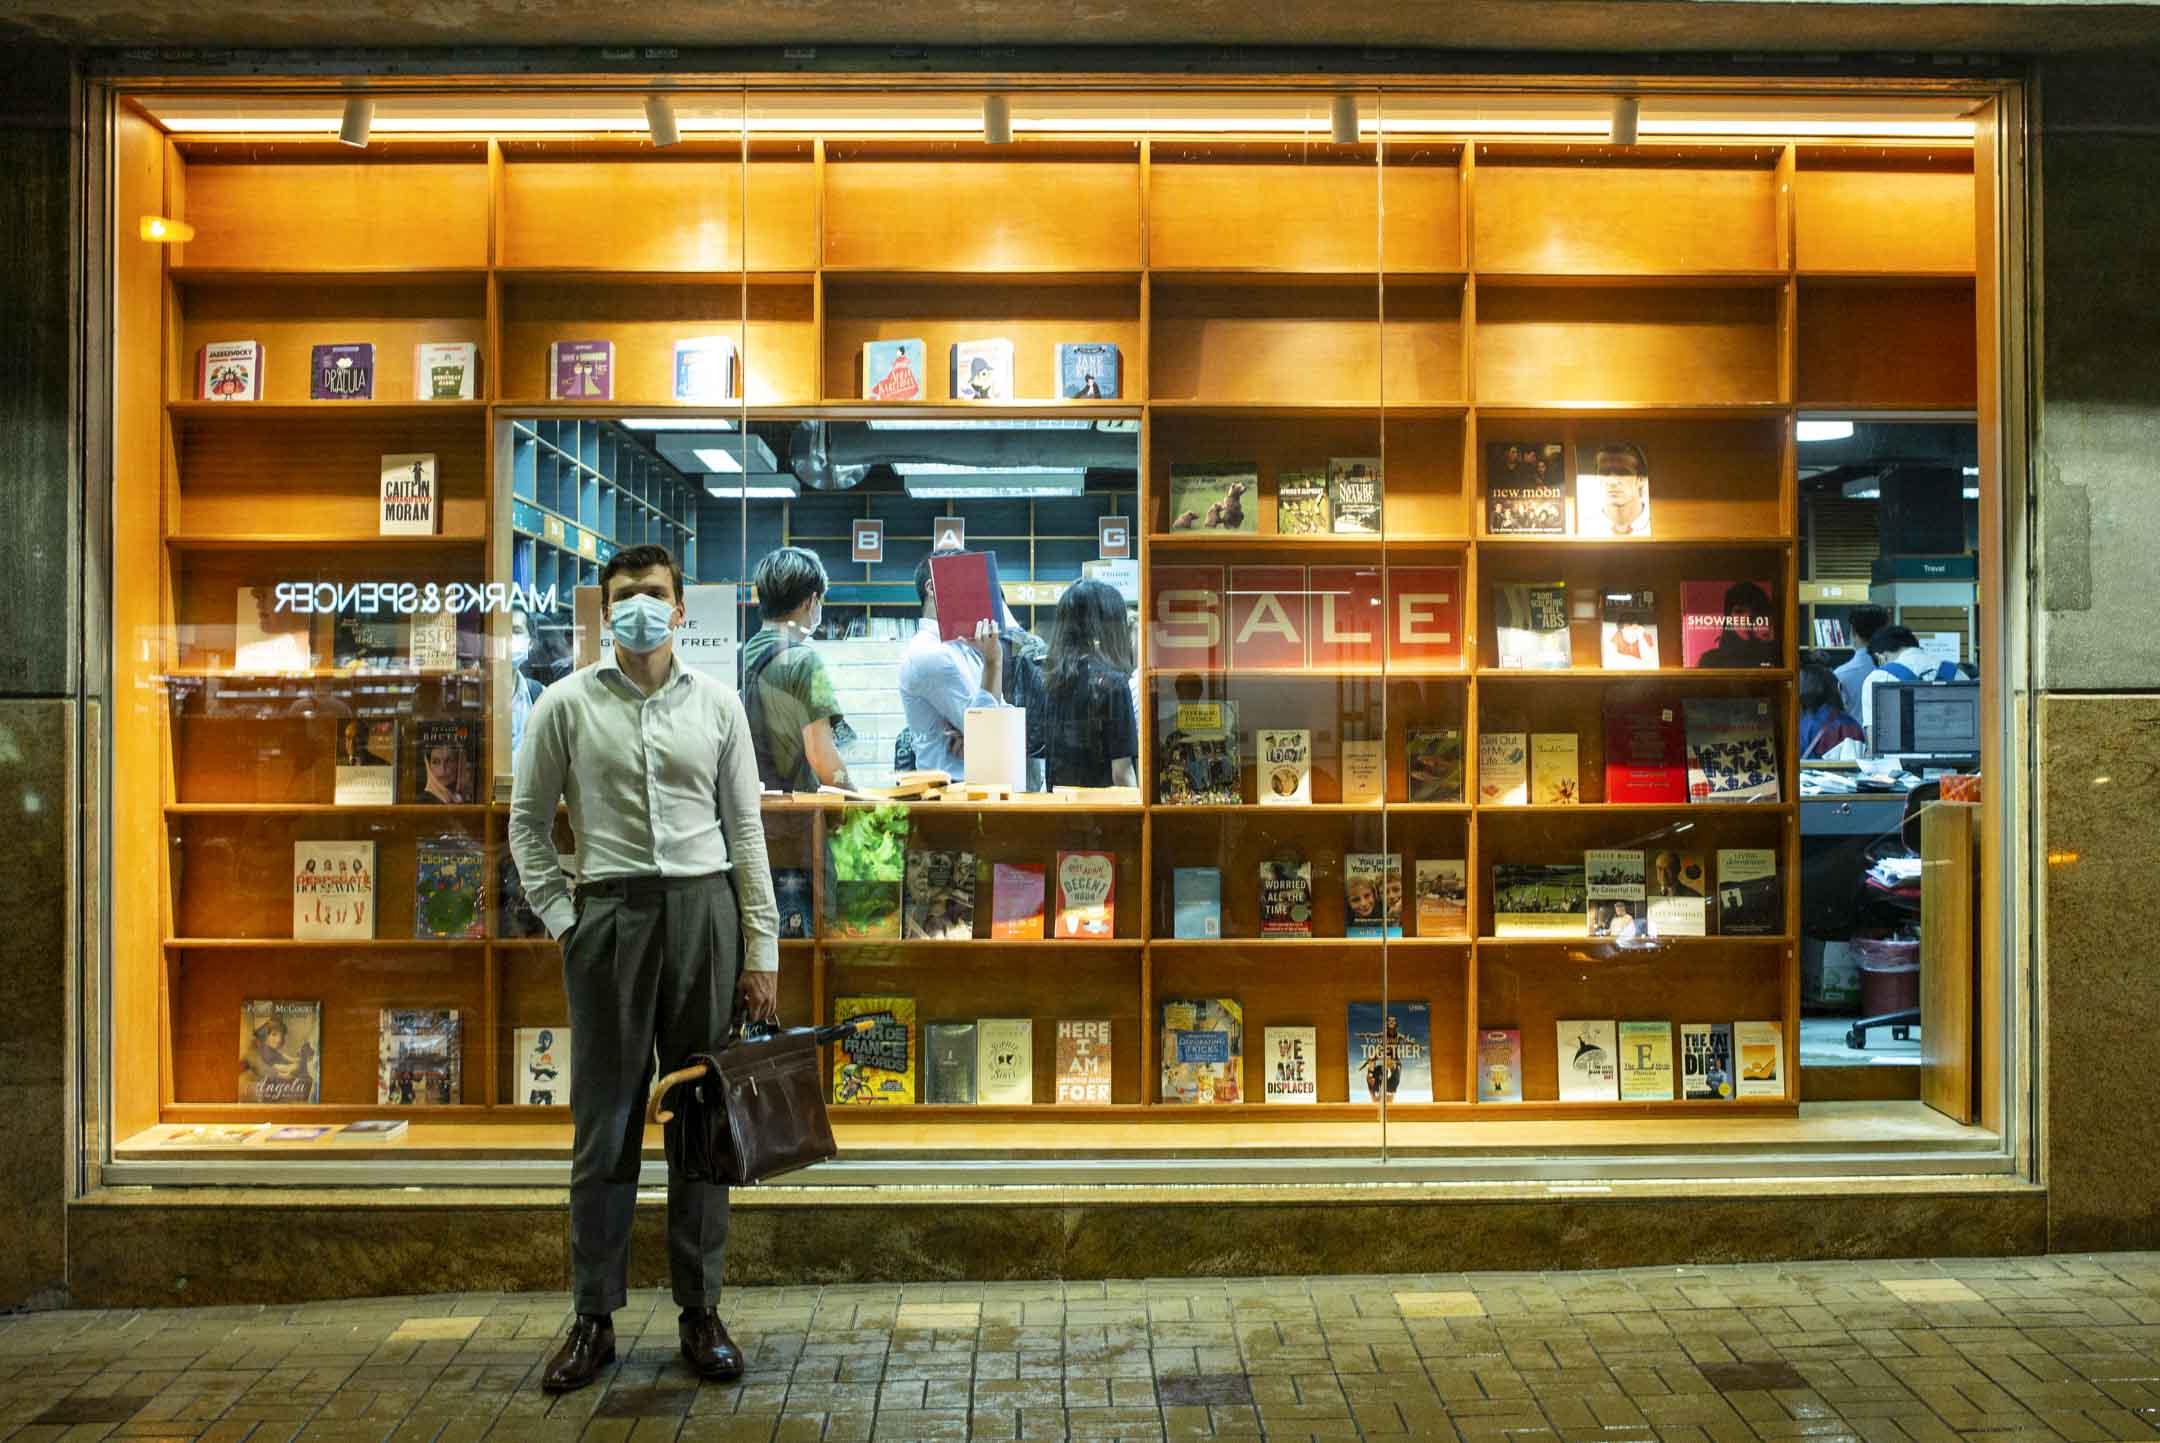 辰衝圖書有限公司(Swindon Book Co.)關閉其位於尖沙咀樂道的實體總店。 攝:林振東/端傳媒